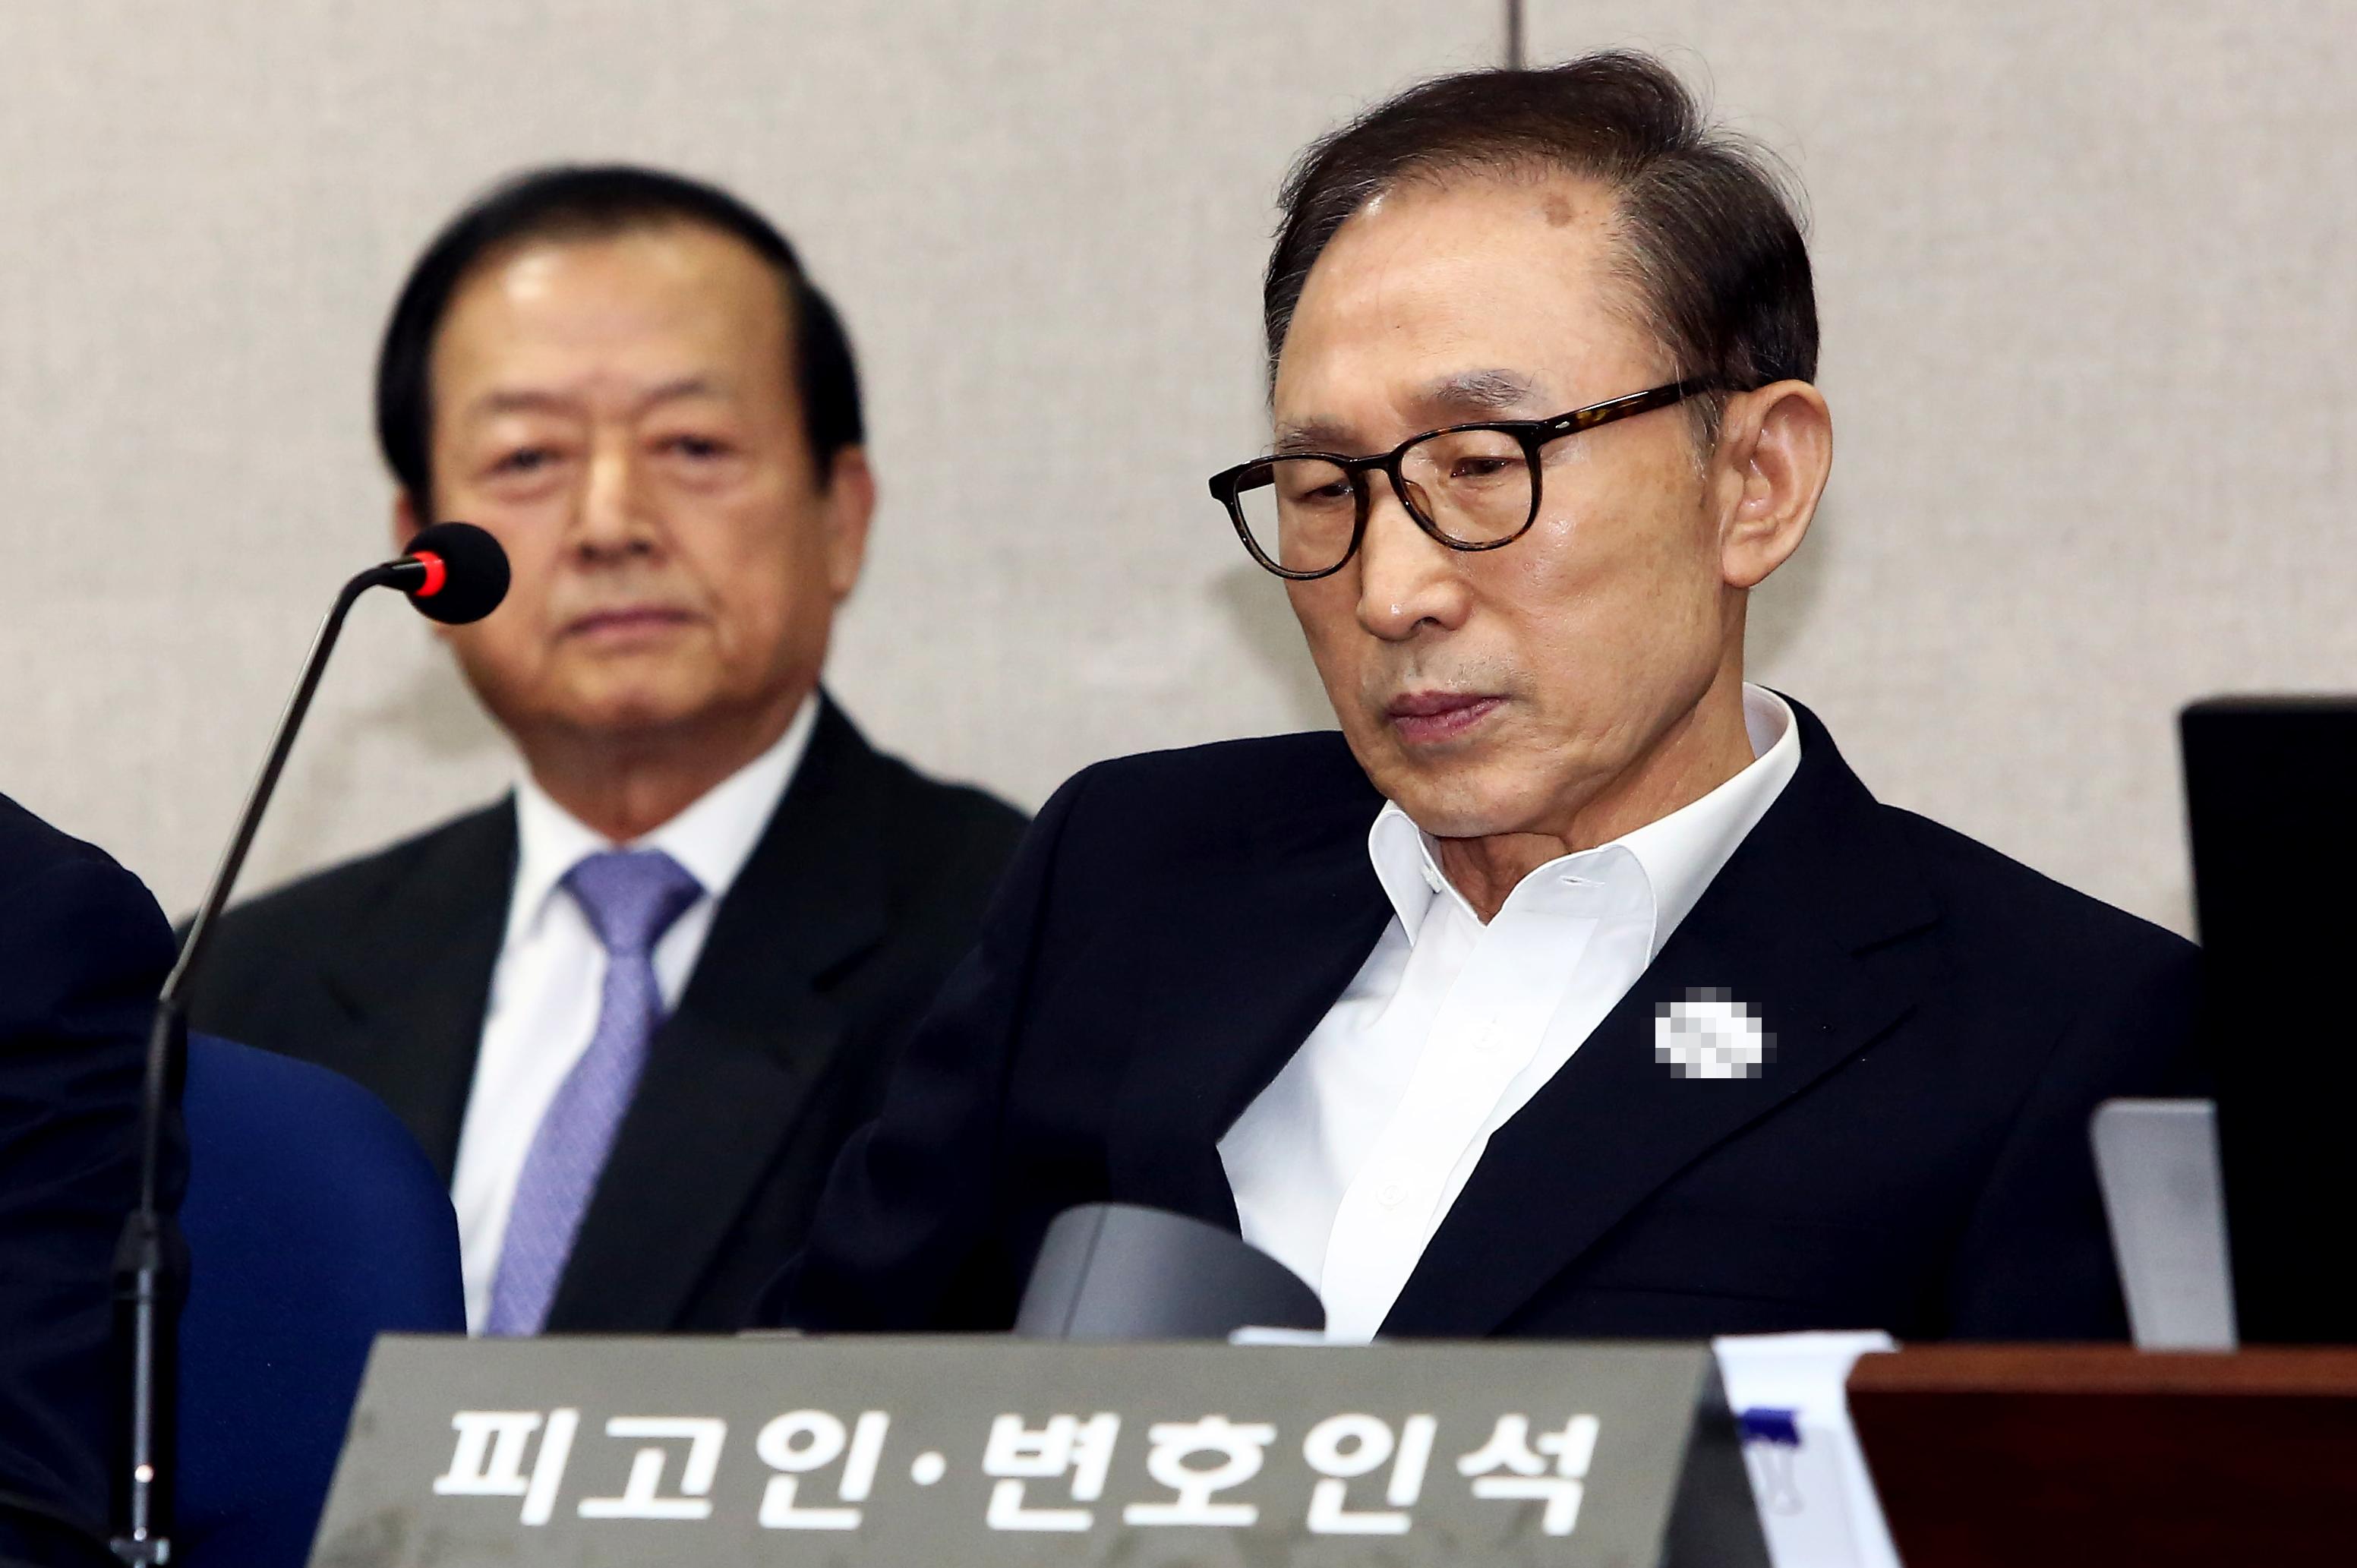 뇌물수수-비자금 조성 혐의 이명박, 첫 공판